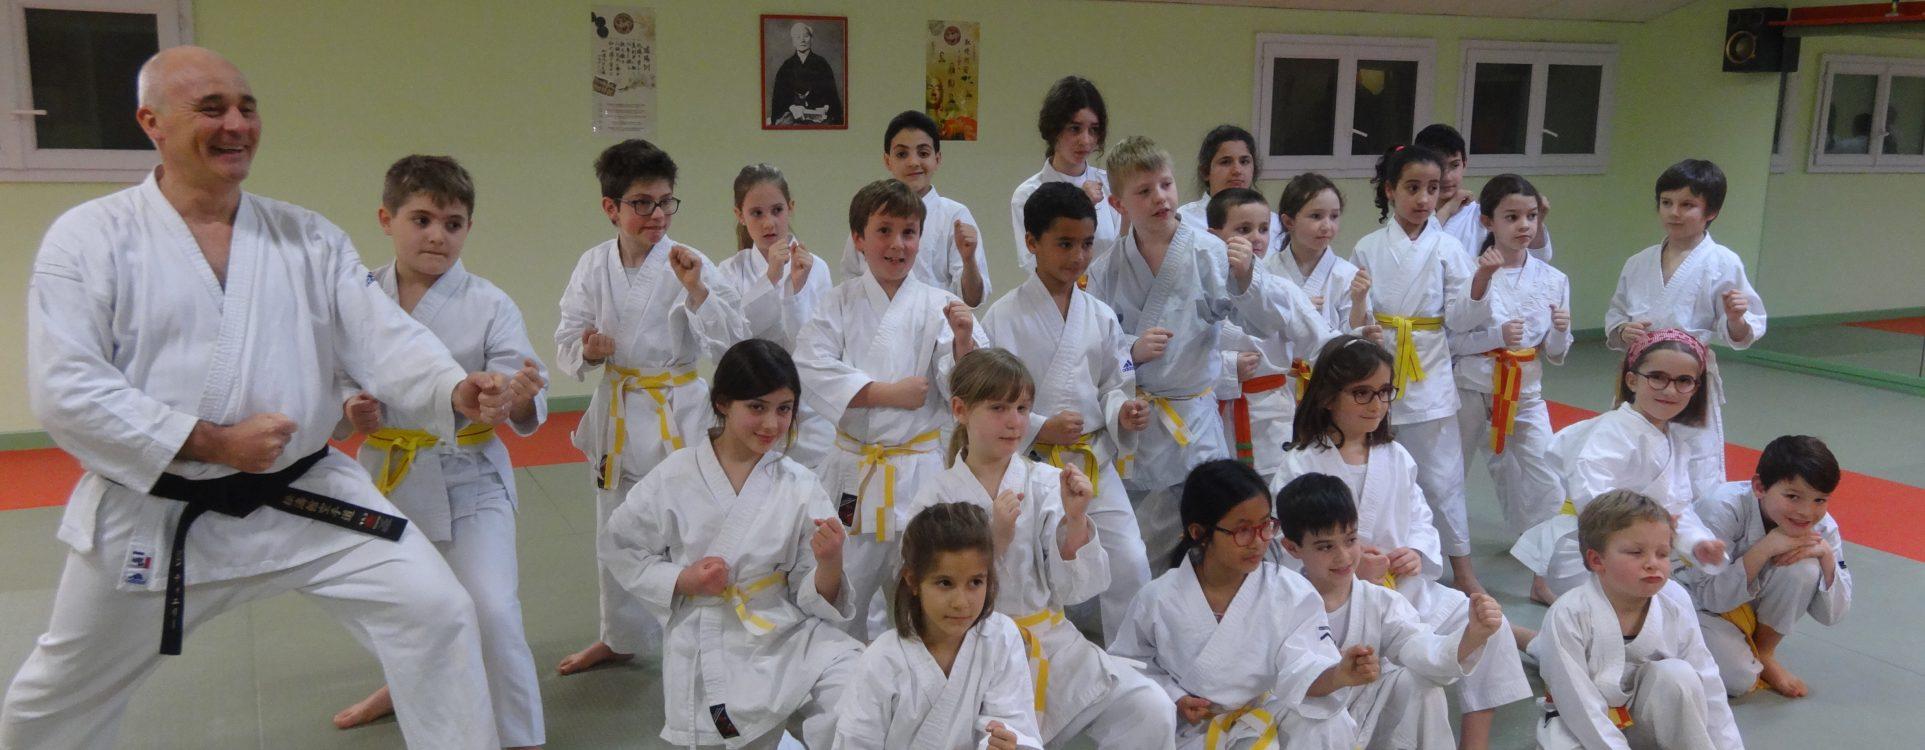 KCV Section enfants